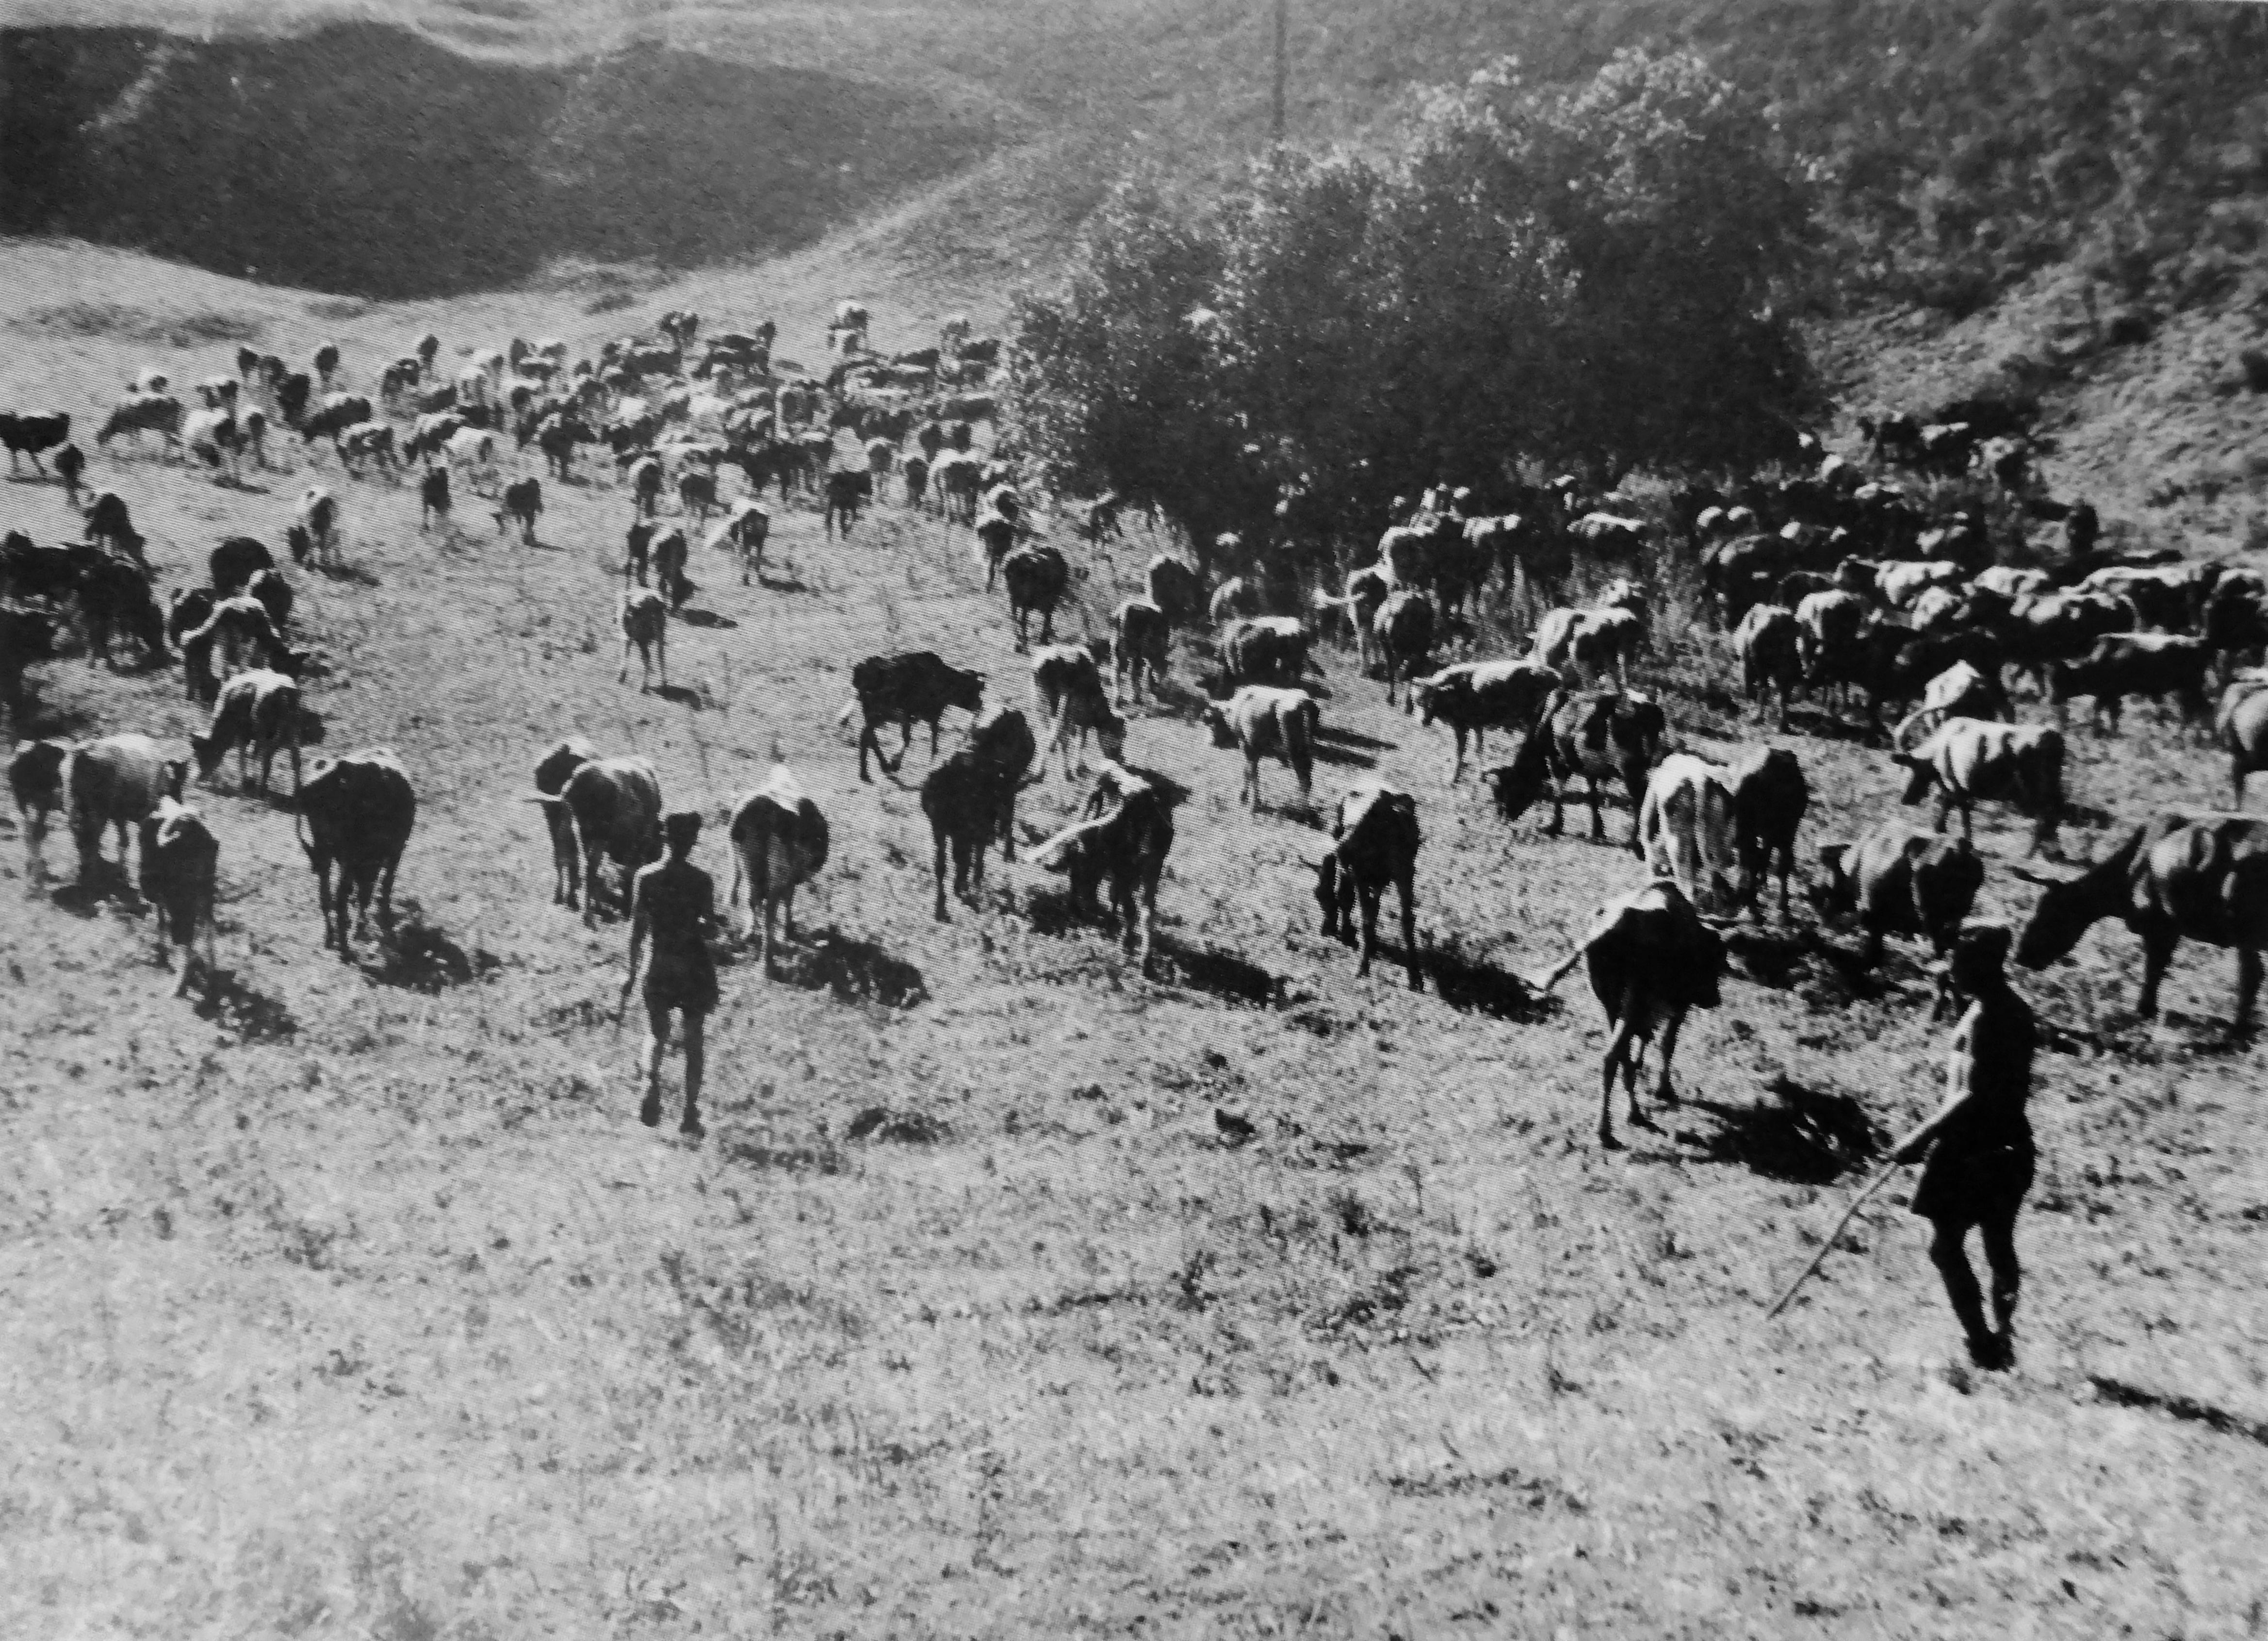 Немецкие солдаты гонят скот, реквизированный в оккупированных советских деревнях